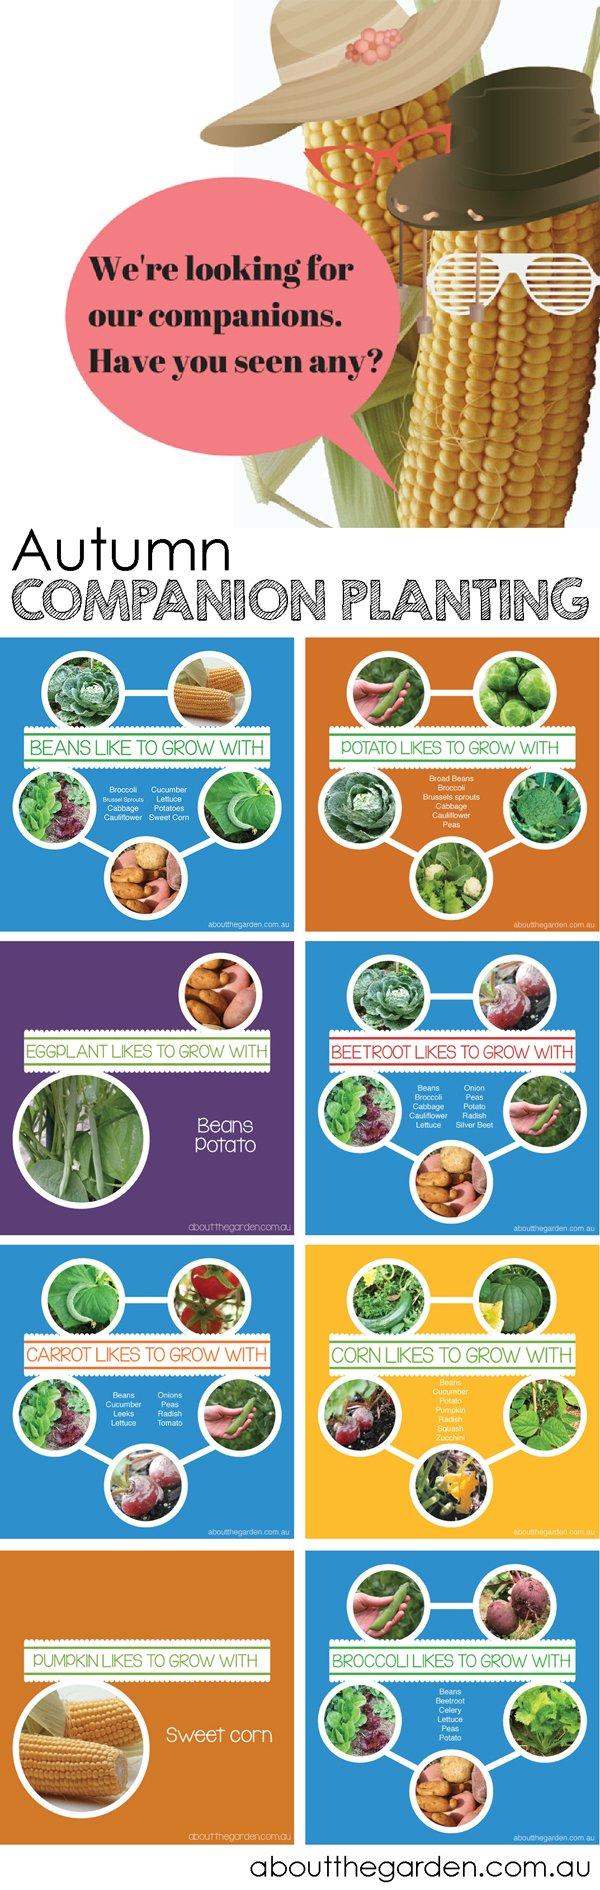 Vegetable companion plants autumn